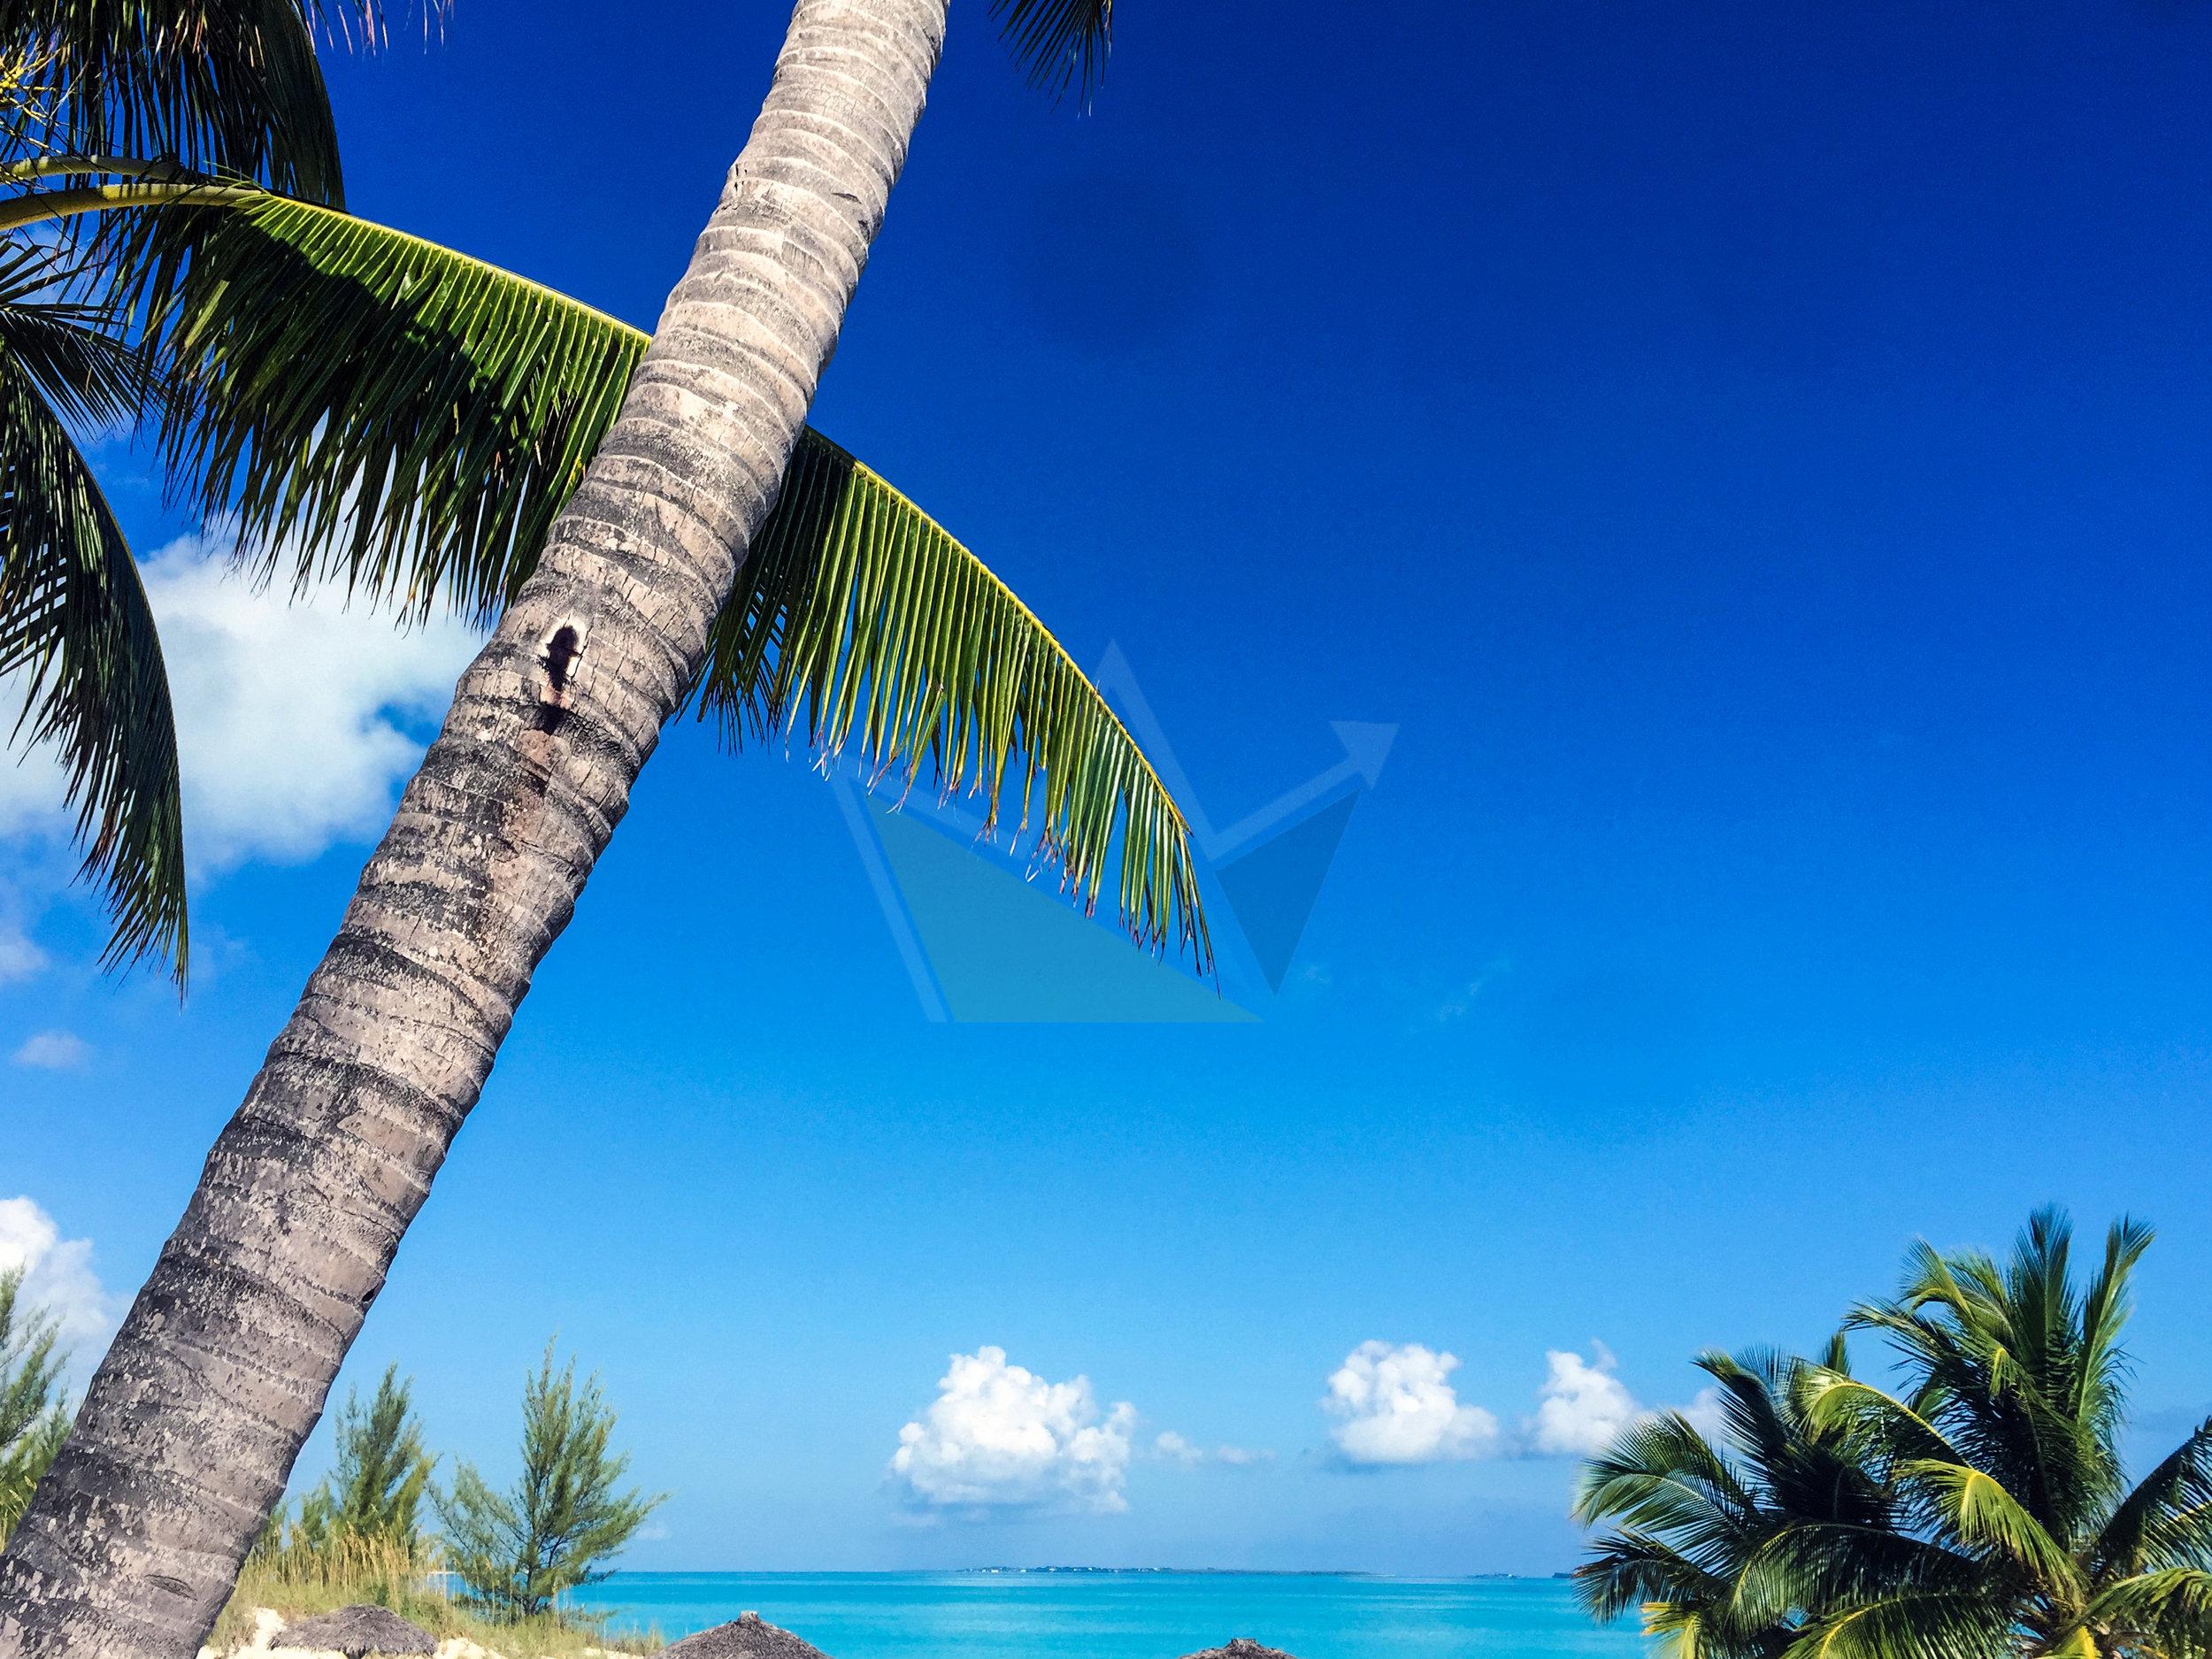 Horizon in Treasure Cay, Abaco